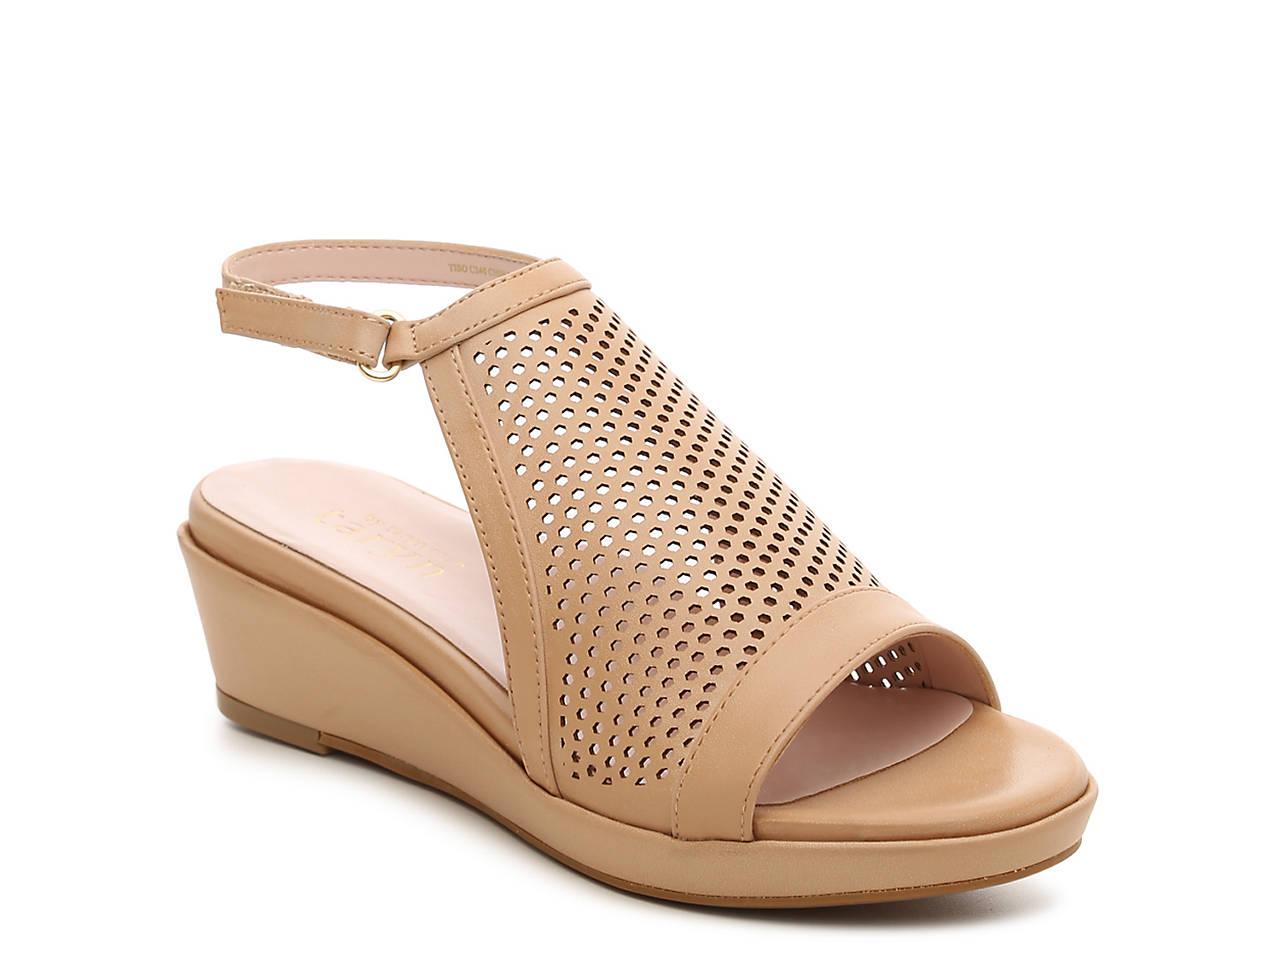 d67669d925b Taryn by Taryn Rose Tiso Wedge Sandal Women s Shoes